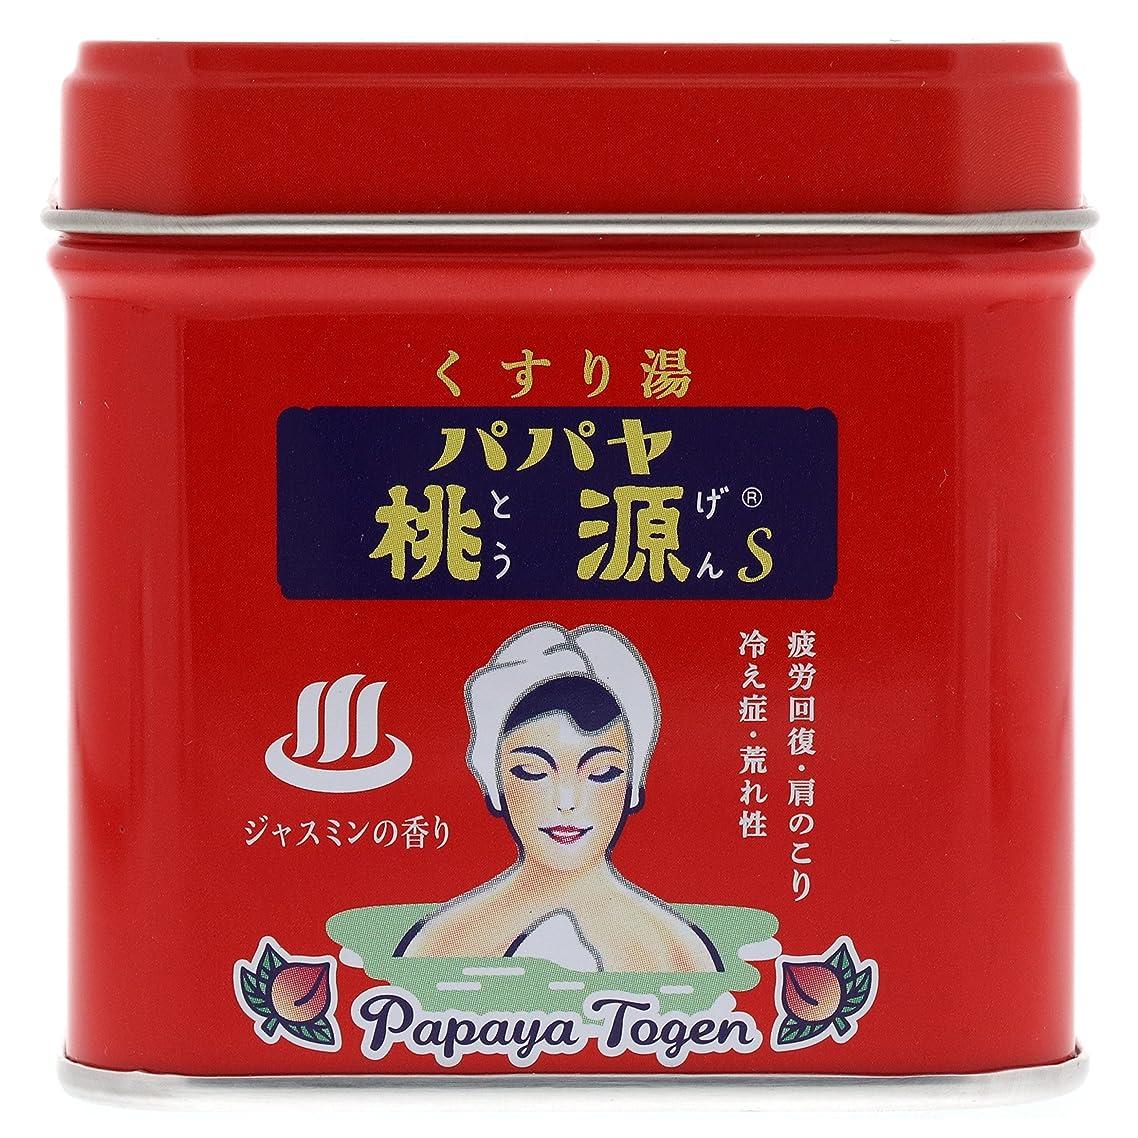 はしごクローンポンドパパヤ桃源S70g缶 ジャスミンの香り [医薬部外品]